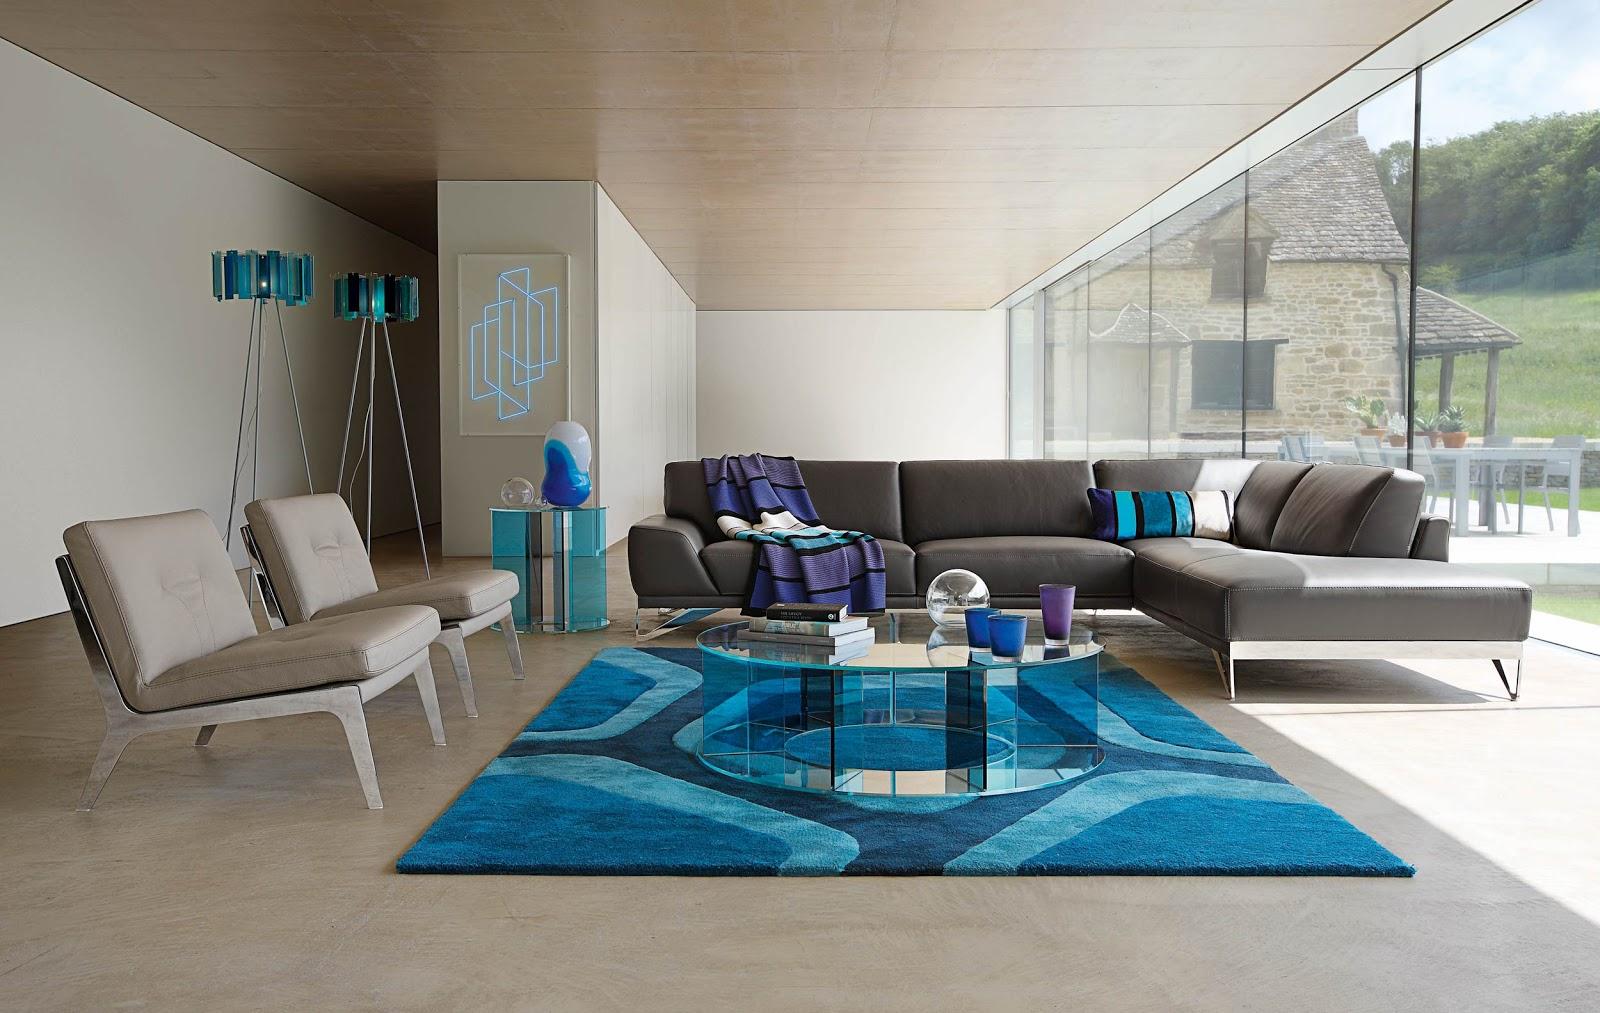 Evim in her ey 2012 2013 sonbahar k koleksiyonu roche bobois - Arredi casa moderni ...